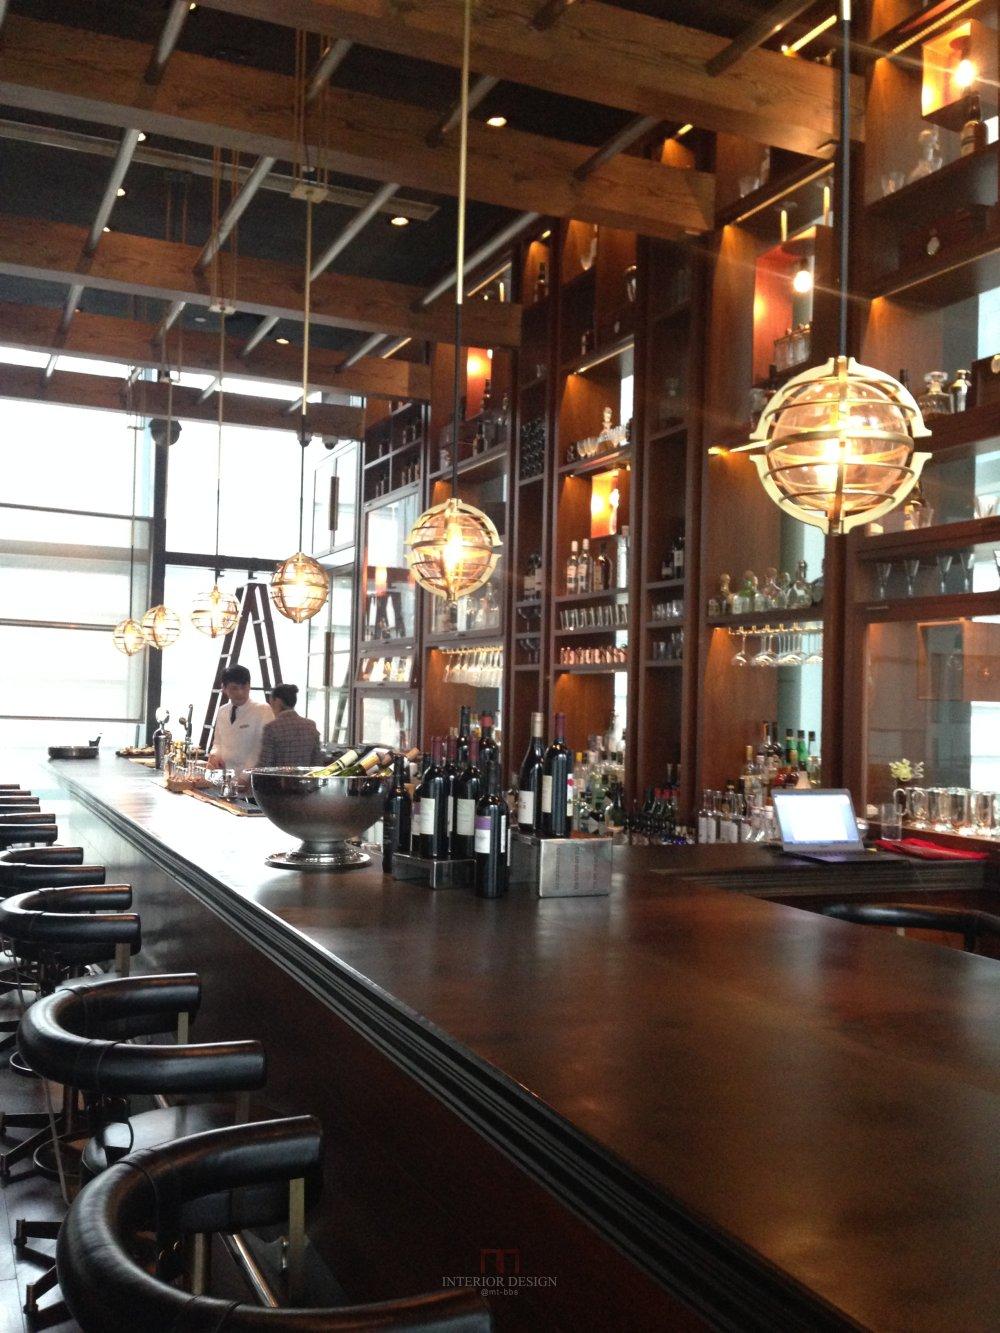 1515牛排馆•酒吧The 1515 WEST CHOPHOUSE & BAR自拍分享_IMG_0153.JPG